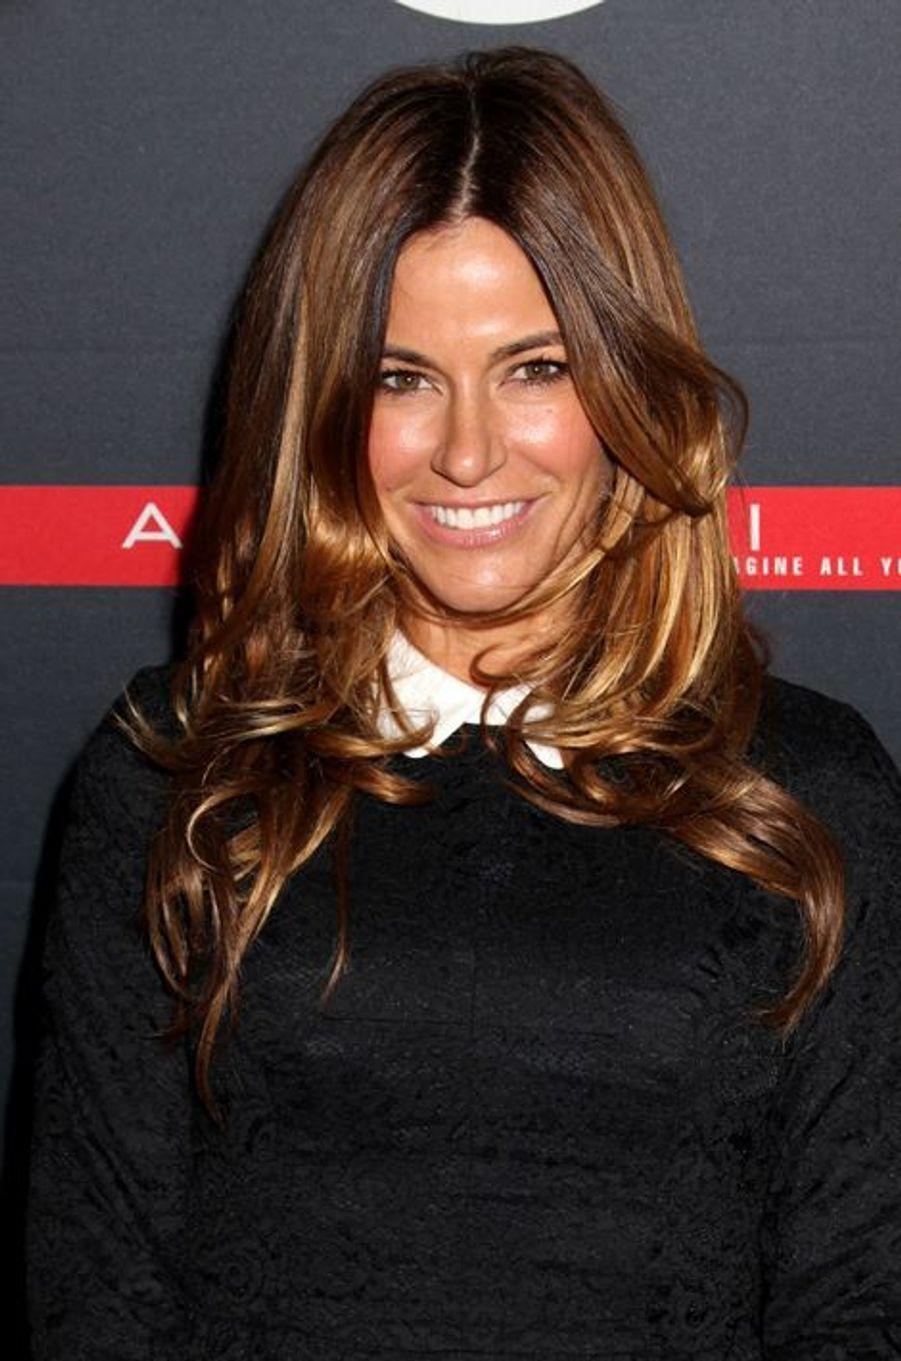 Star de l'émission de téléréalité américaine «The Real Housewifes of New York», Kelly Bensimon est inculpée en 2009 pour avoir frappé son petit ami au visage. L'ex-mannequin et ancienne rédactrice pour l'édition US de «Elle Magazine» plaide alors coupable mais poursuit malgré tout sa vie mondaine à Manhattan.